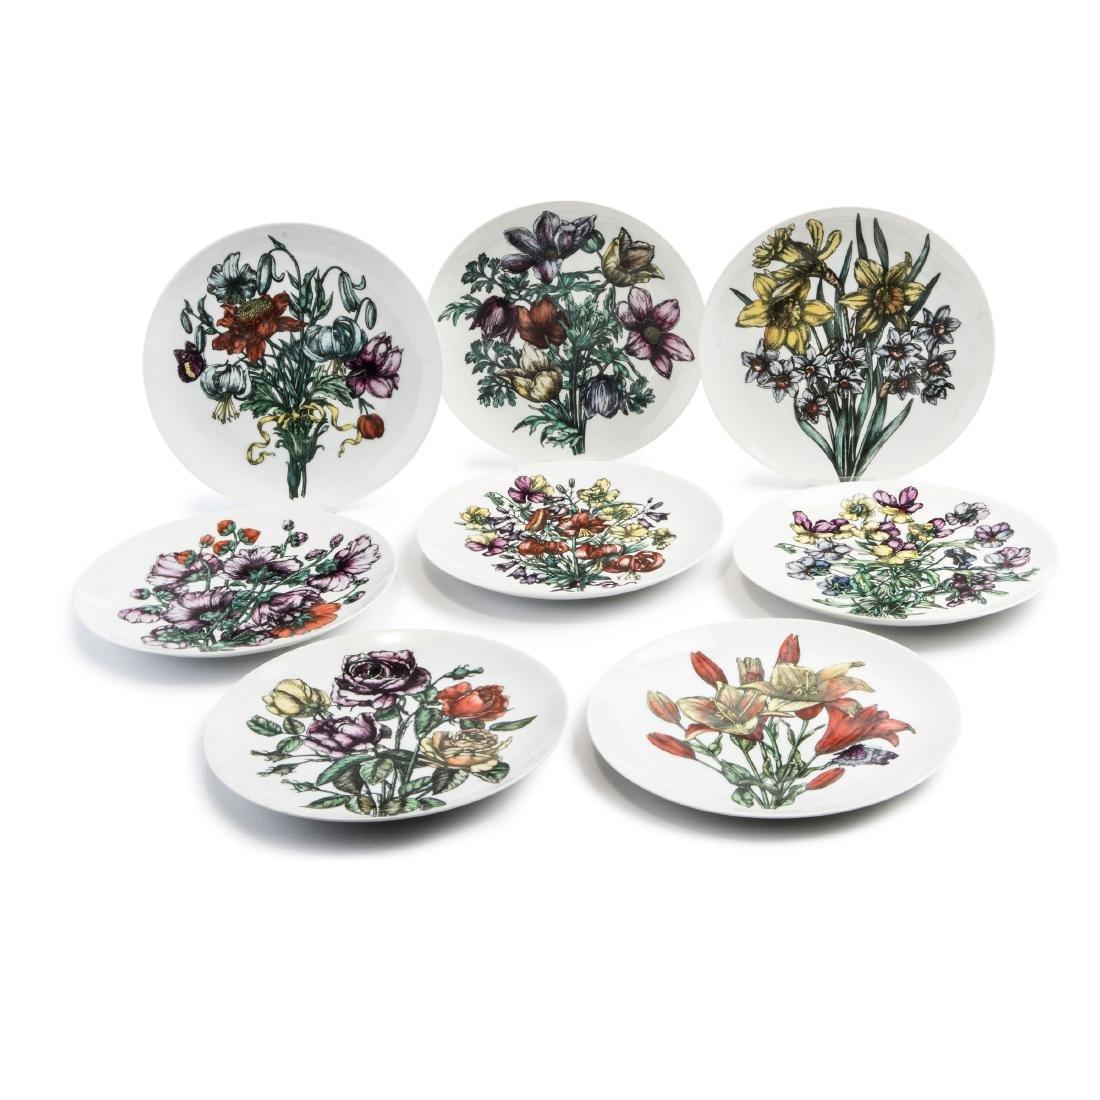 Eight 'Fiori' plates, 1960s